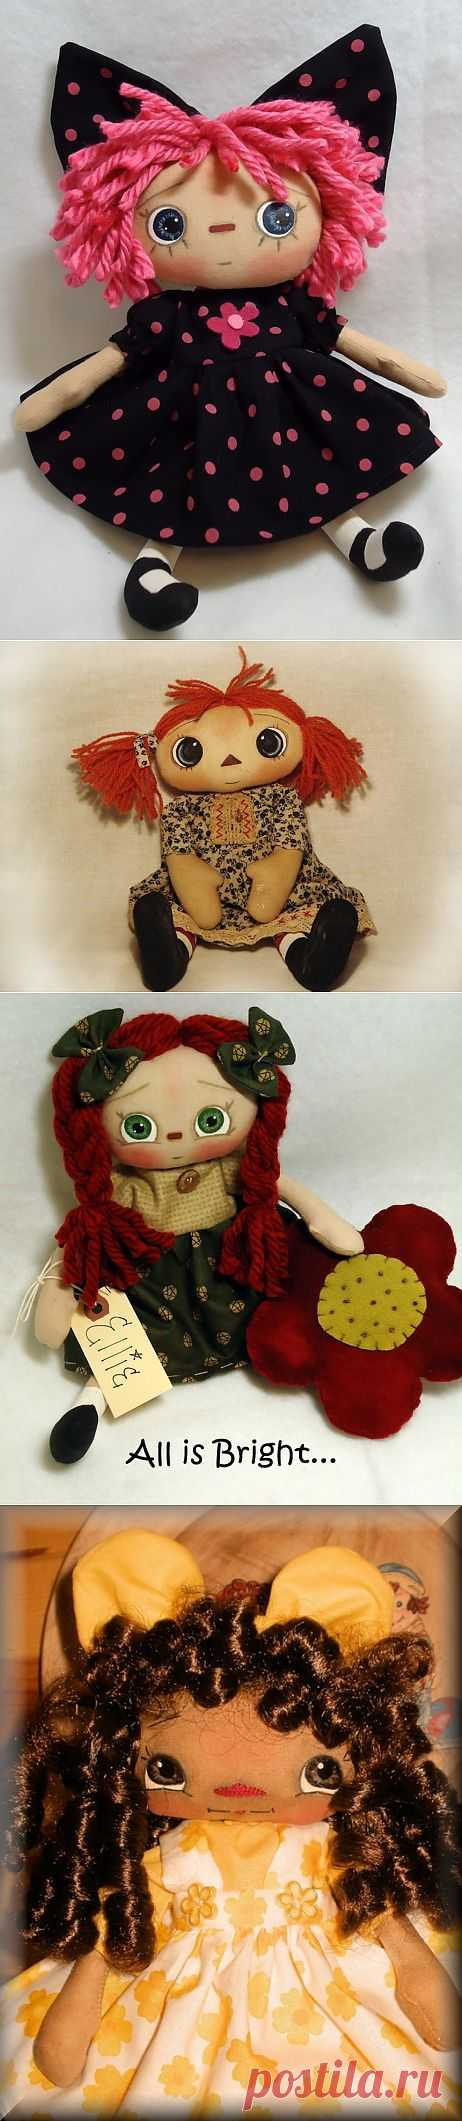 Como dibujar a las muñecas las mirillas (modelos) \/ los juguetes Diversos de la labor a mano \/ PassionForum - las clases maestras por la costura